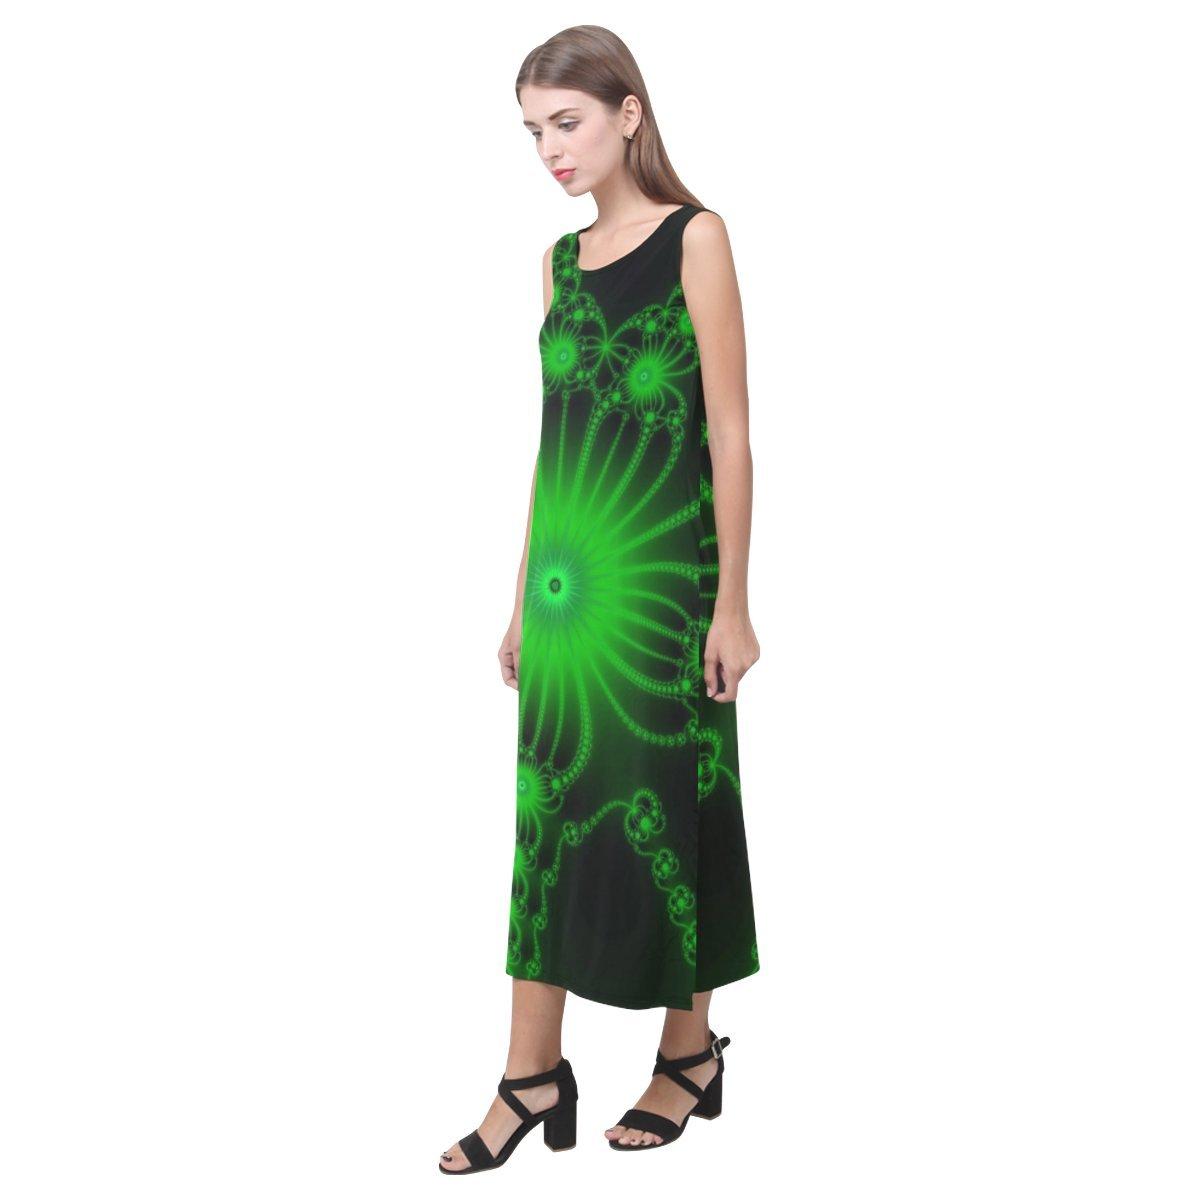 JC-Dress Sleeveless Dress Green Flower Bloom Party Beach Open Fork Long Dress